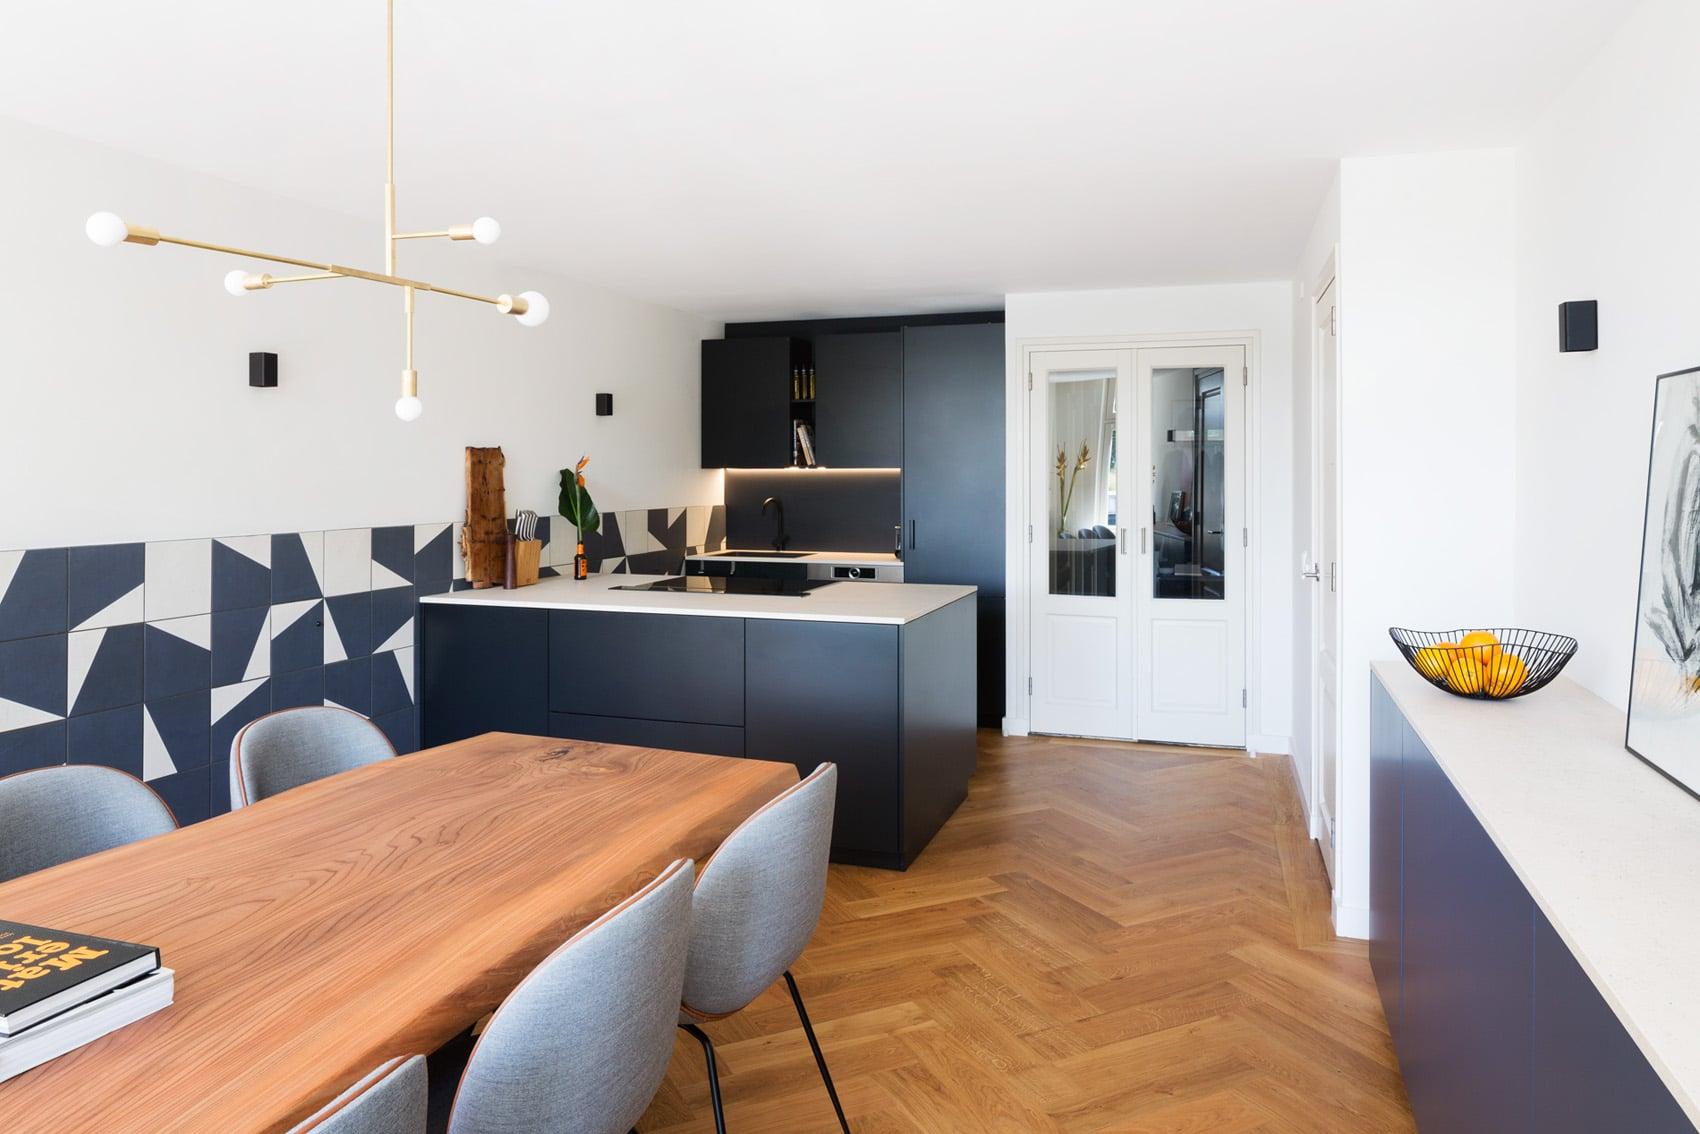 Leefkeuken / Kitchen